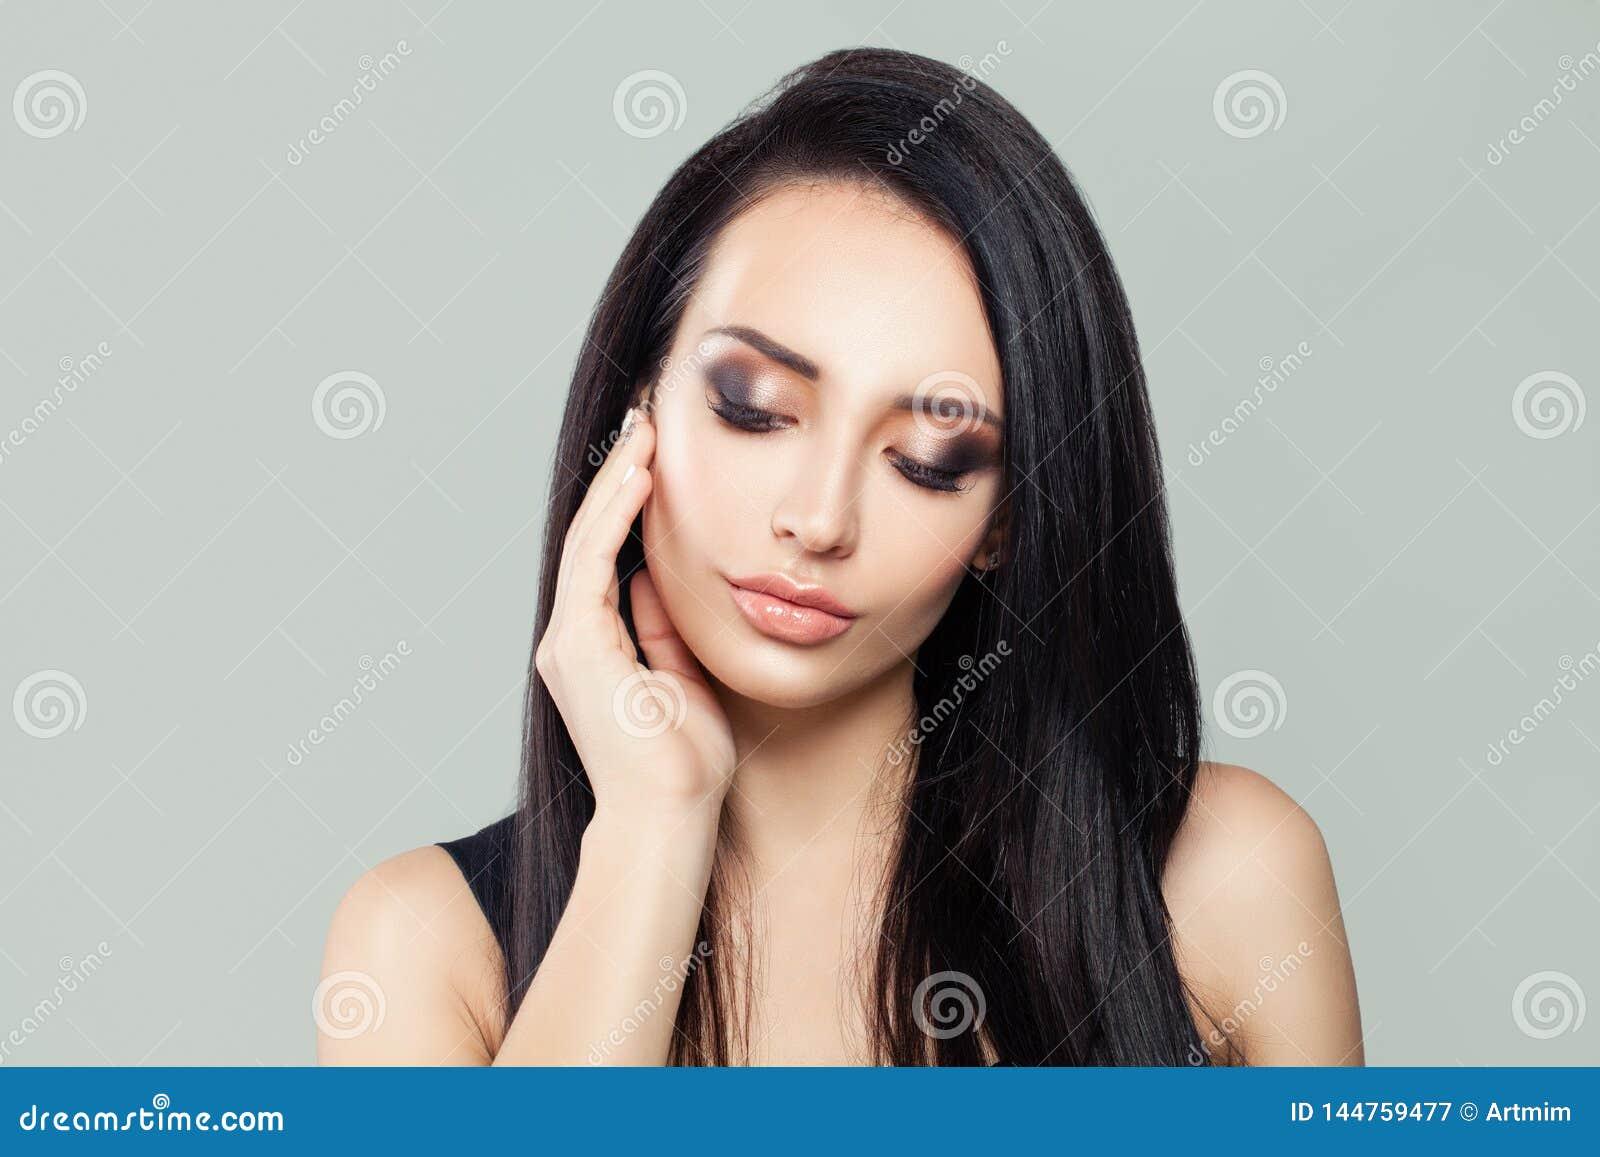 Brunette vorbildliches Frauenporträt der Schönheit